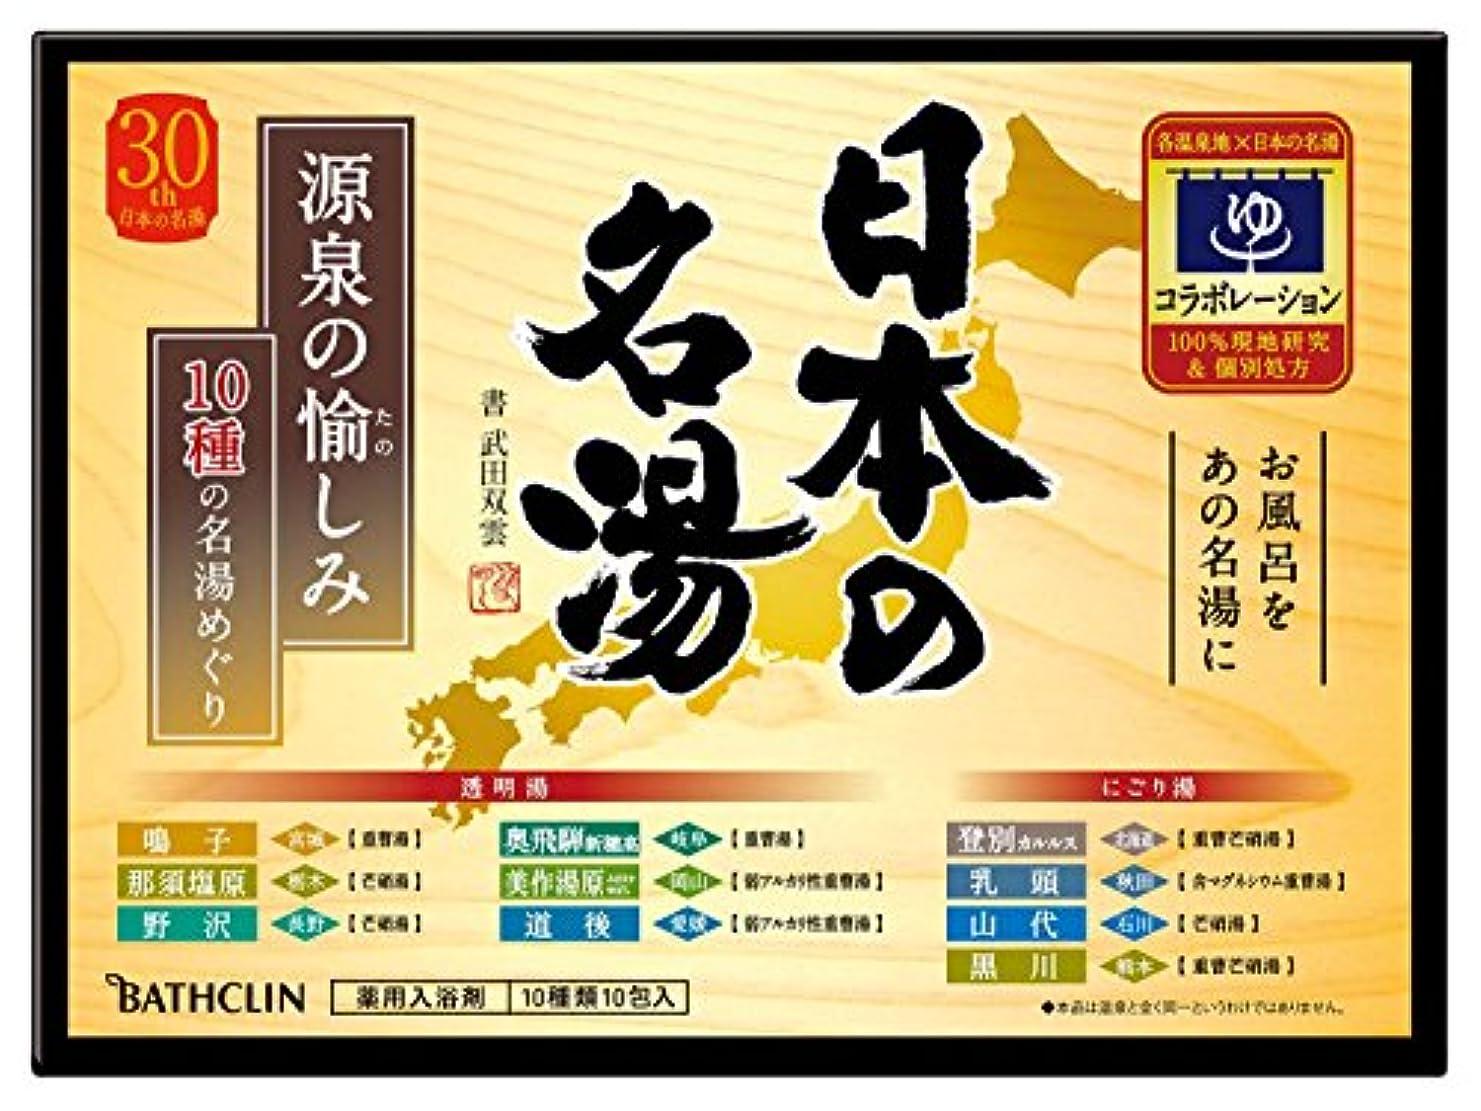 伝統的回路遺跡日本の名湯 源泉の愉しみ 30g 10包入り 入浴剤 (医薬部外品)